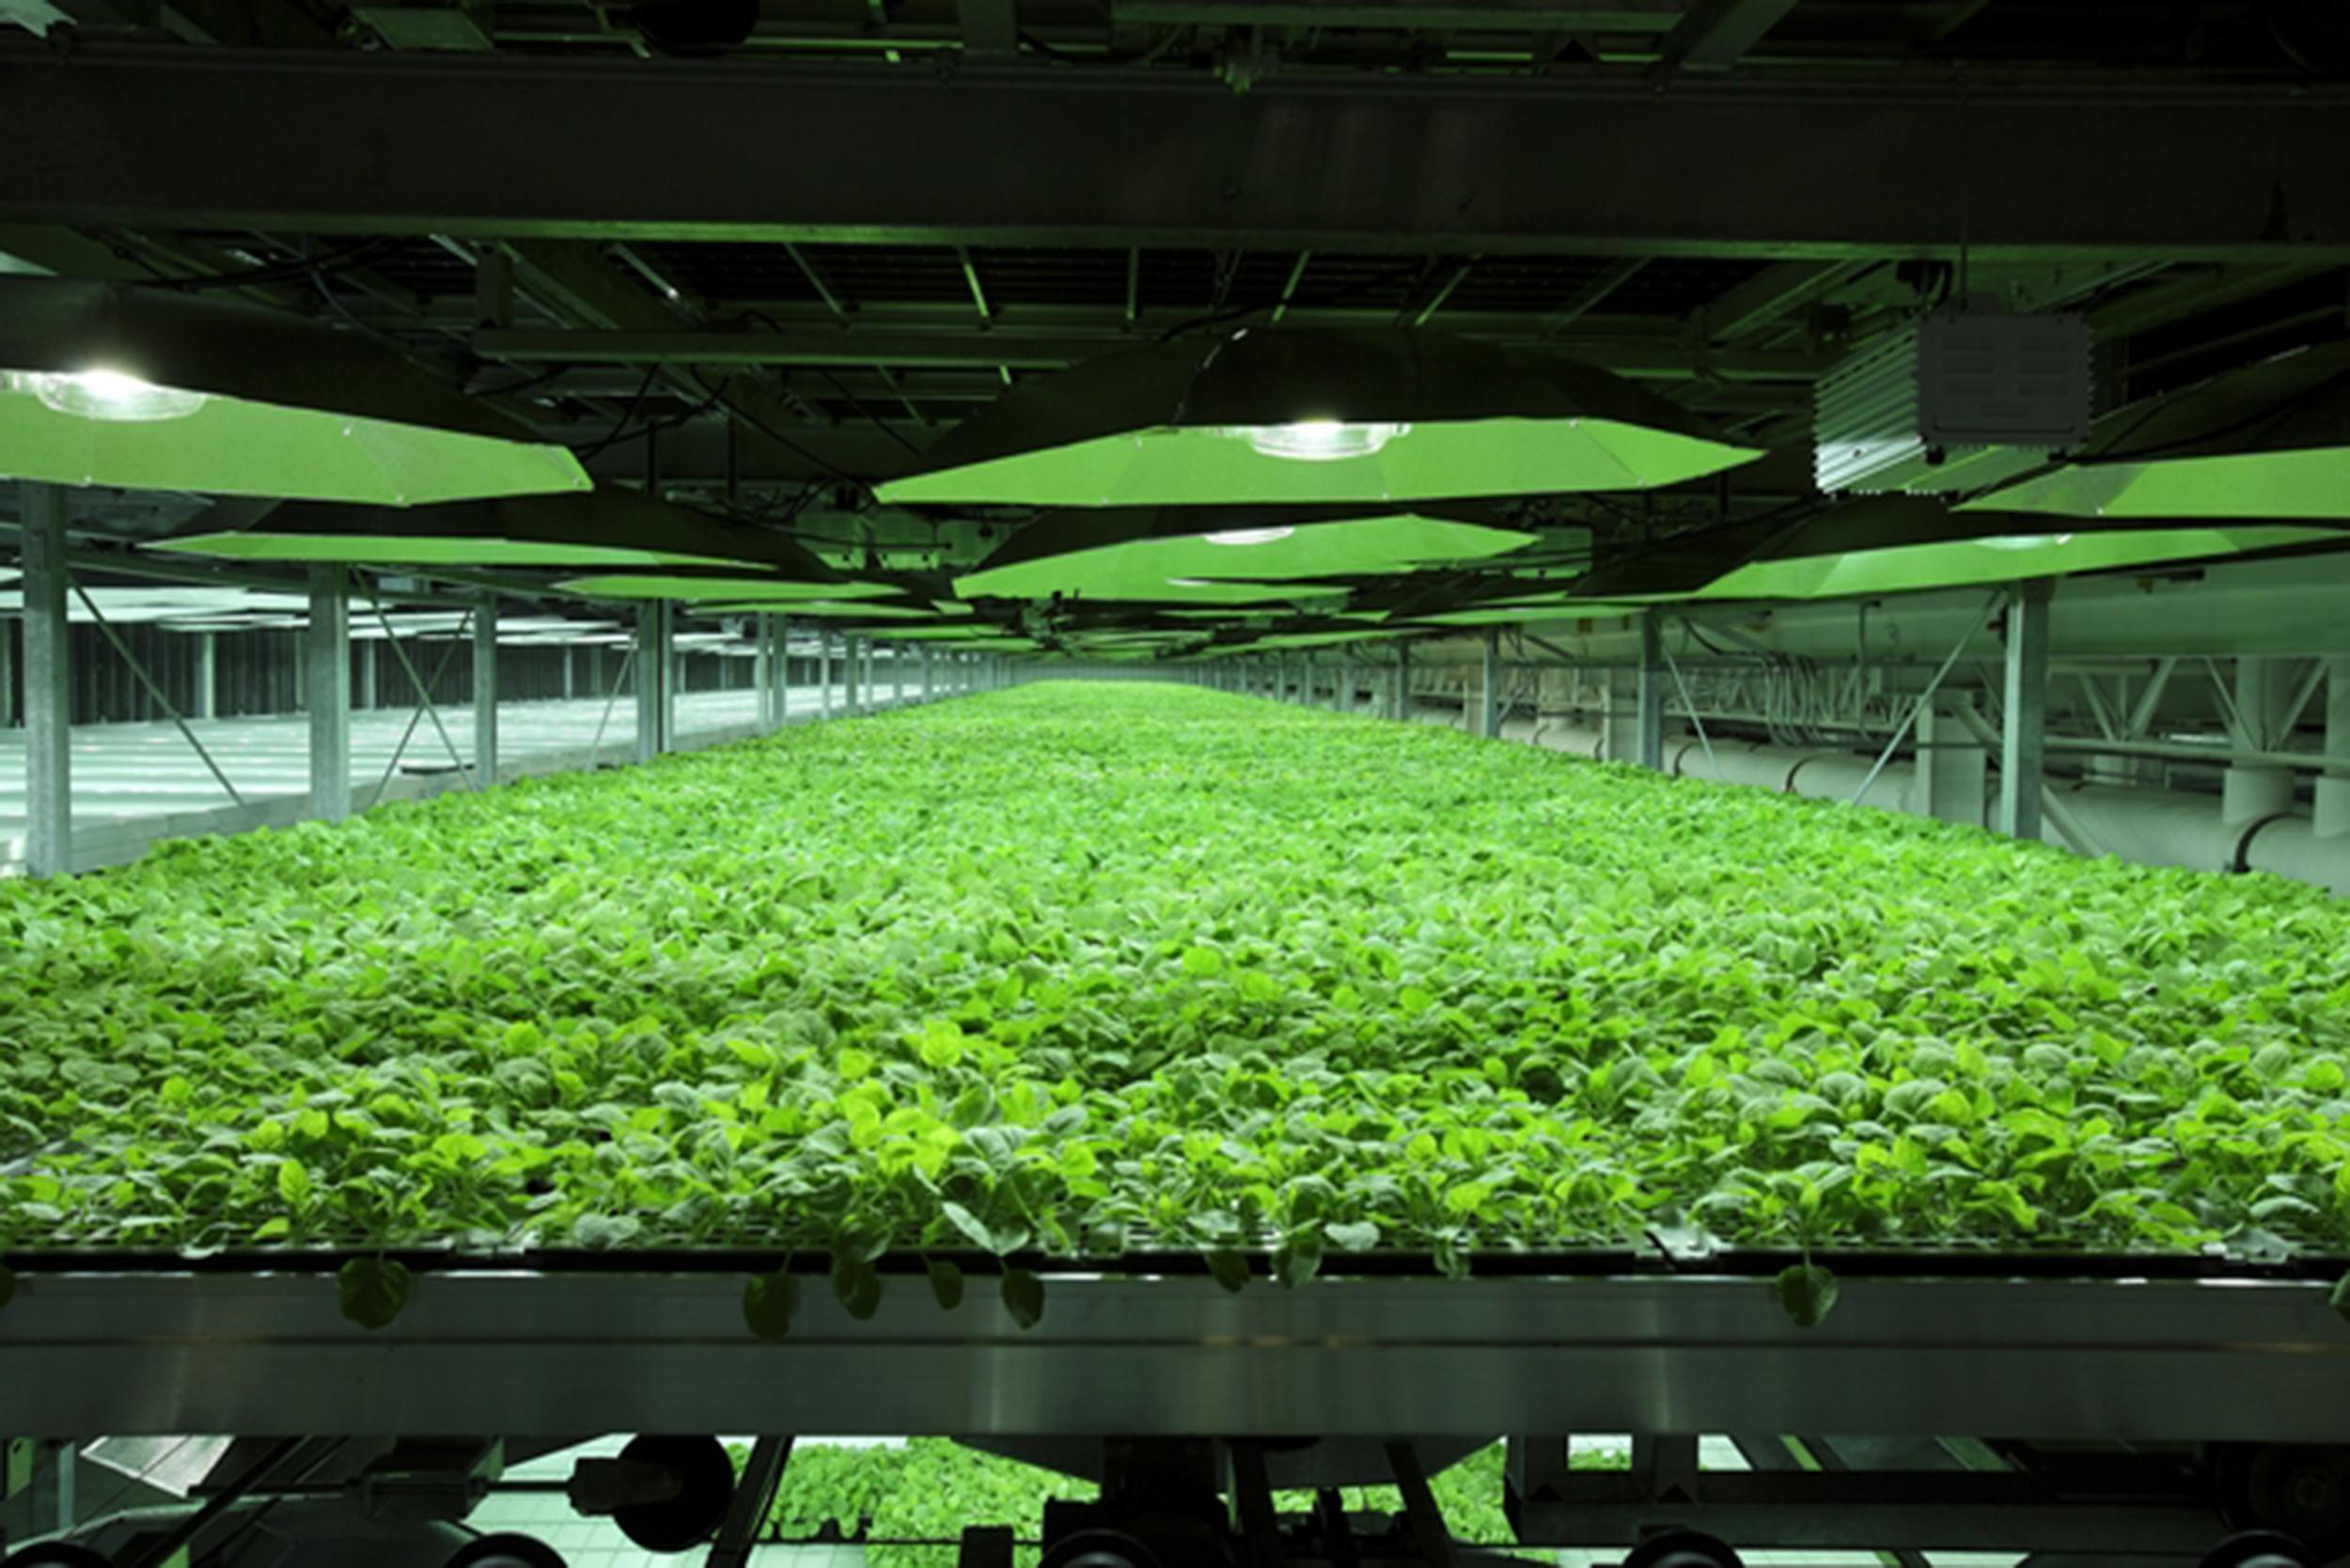 140805-tobacco-plants-kbp-01_a0b3416f74f504b24baa9ca1aa90f727